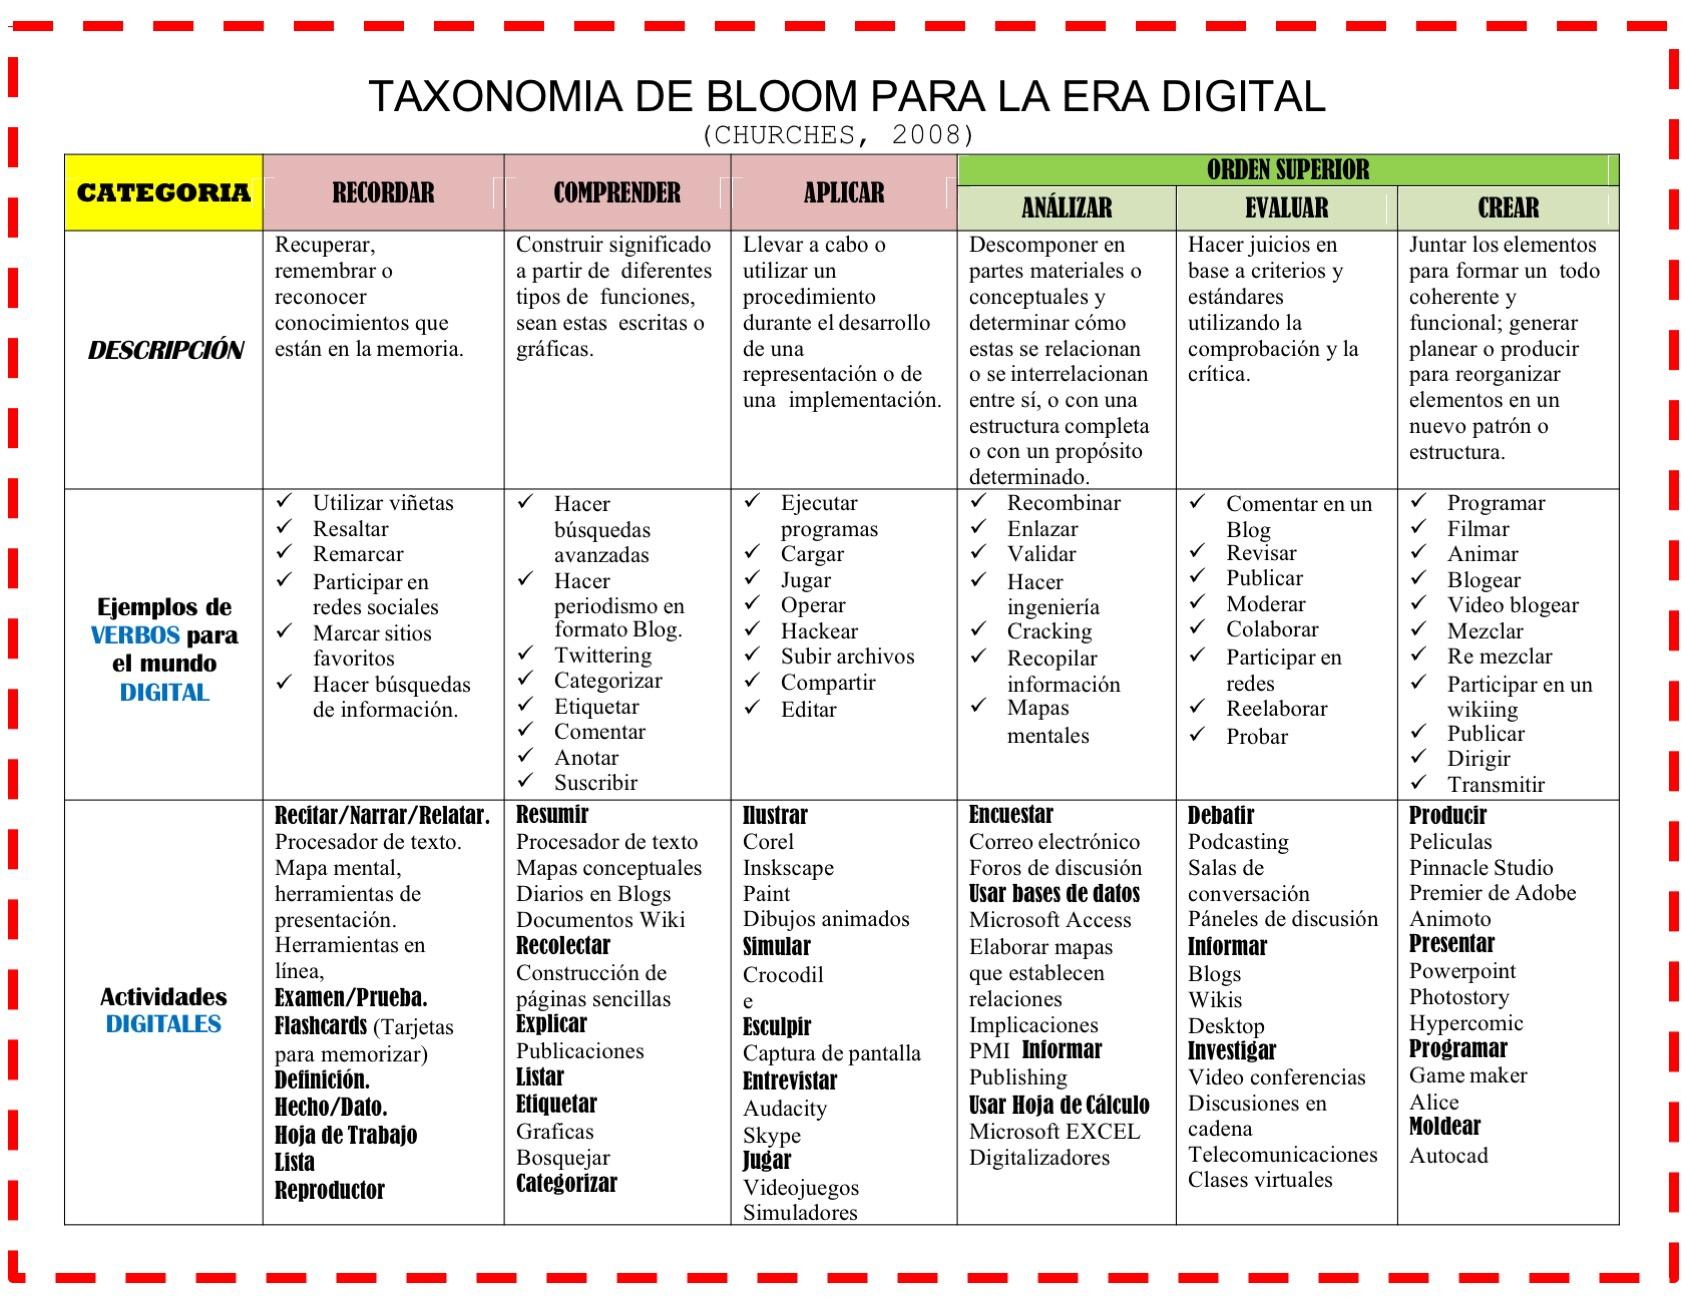 Hacer Plano Online Tabla De Verbos Didacticos De La Taxonomia De Bloom 8